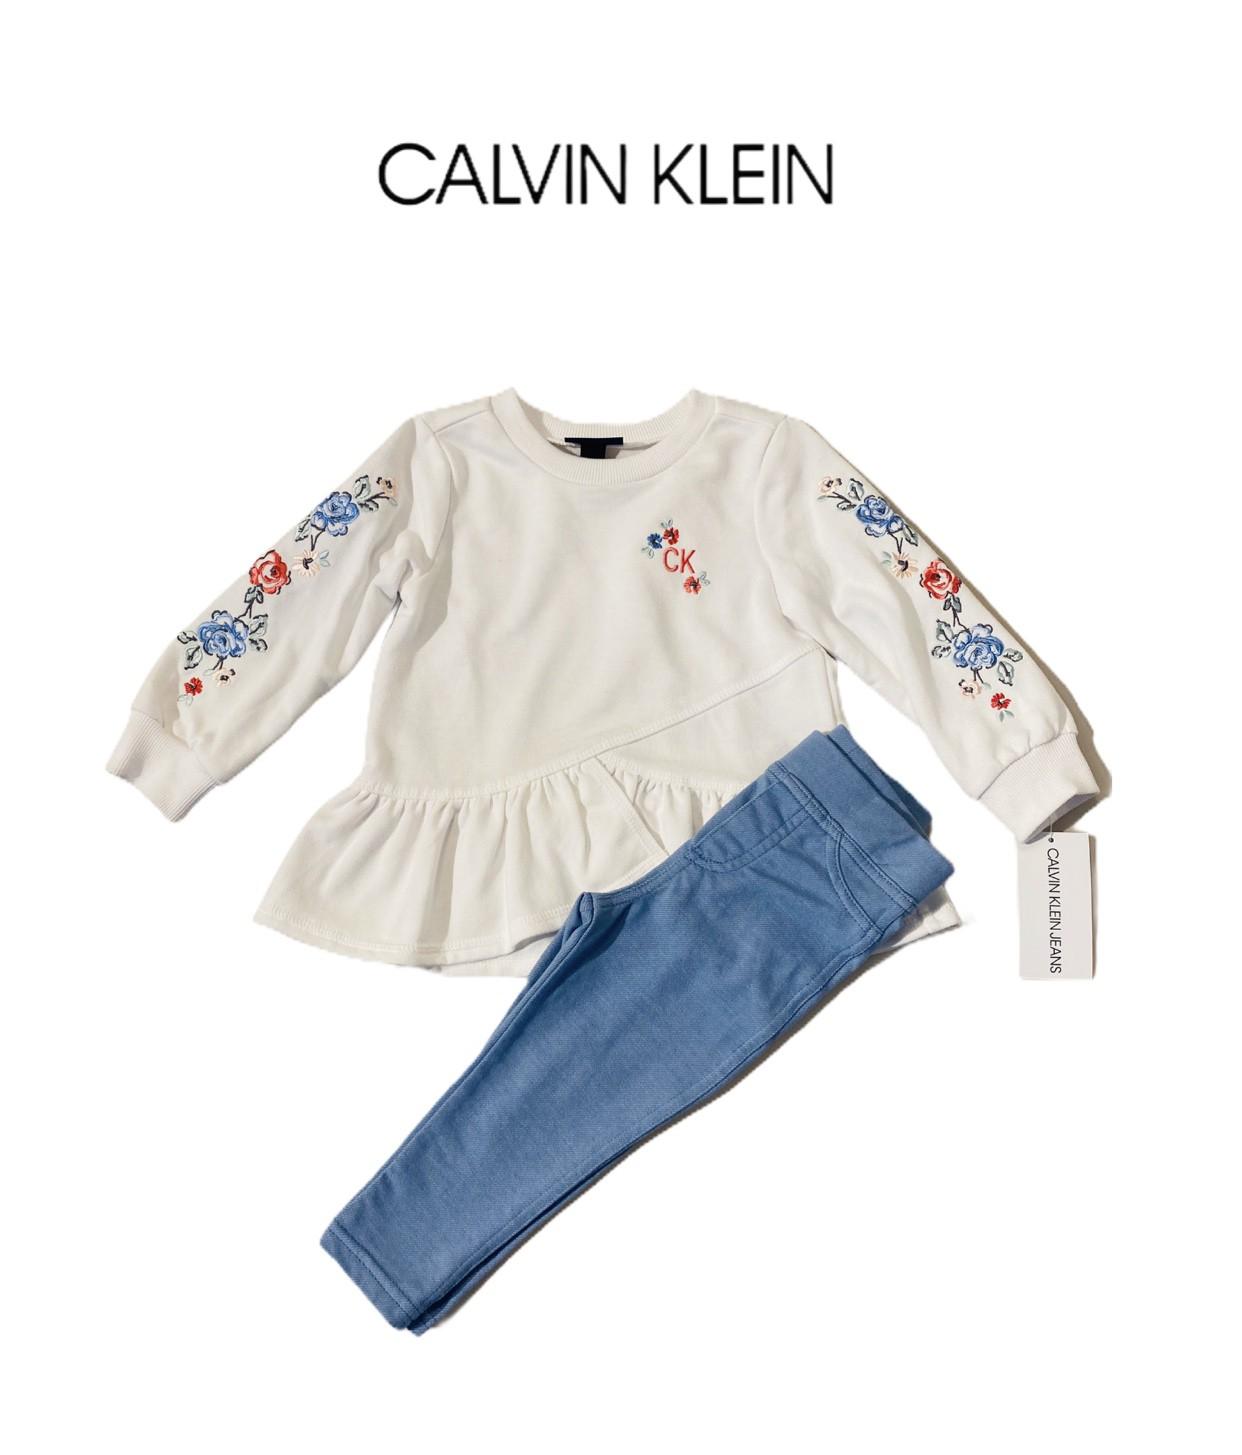 CONJUNTO MOLETOM CALVIN KLEIN® FLORES